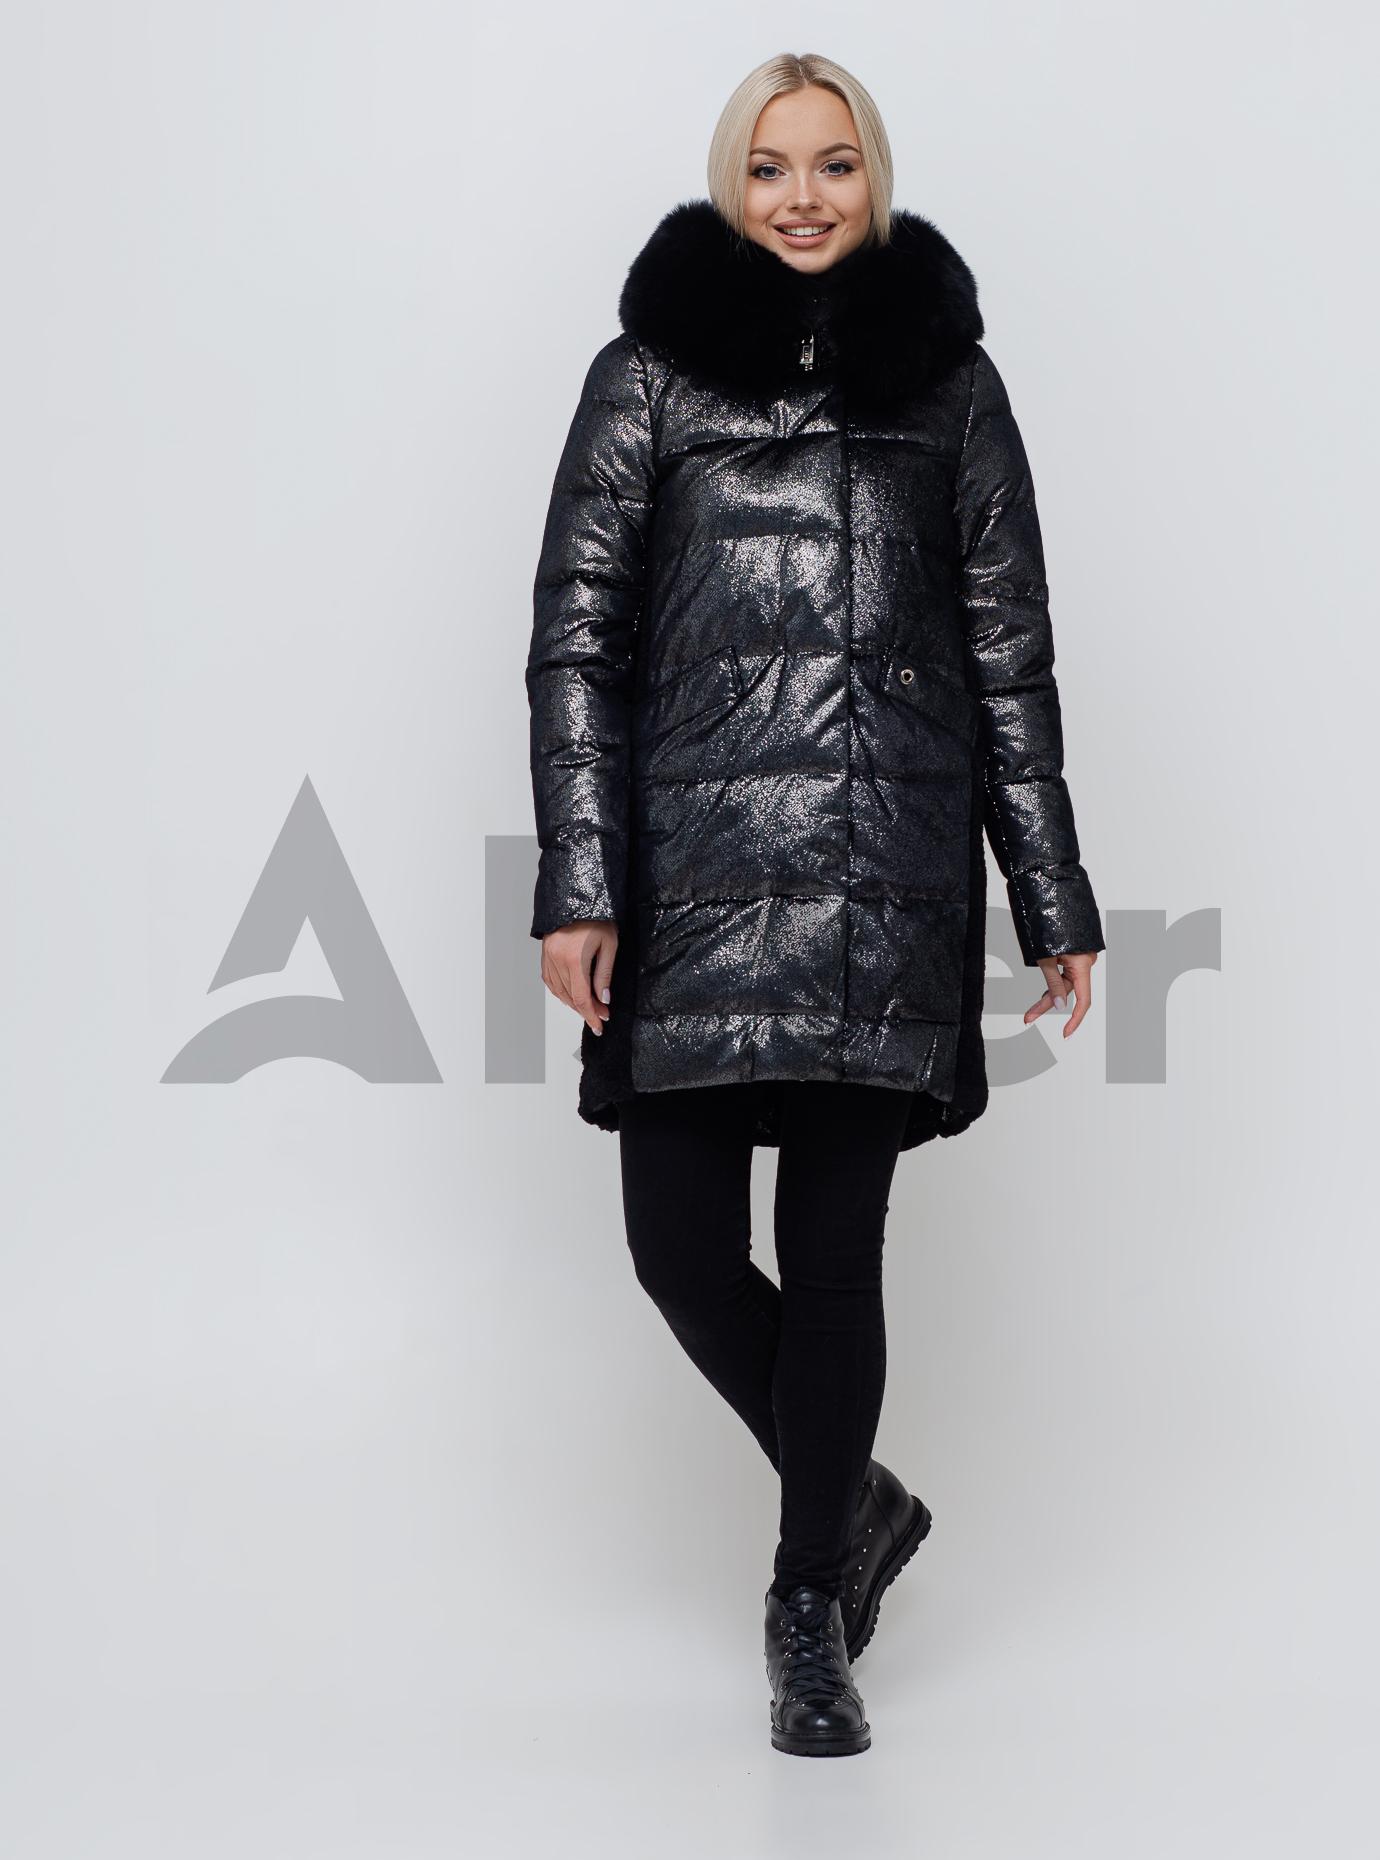 Женская зимняя куртка с мехом Чёрный S (05-SV201074): фото - Alster.ua